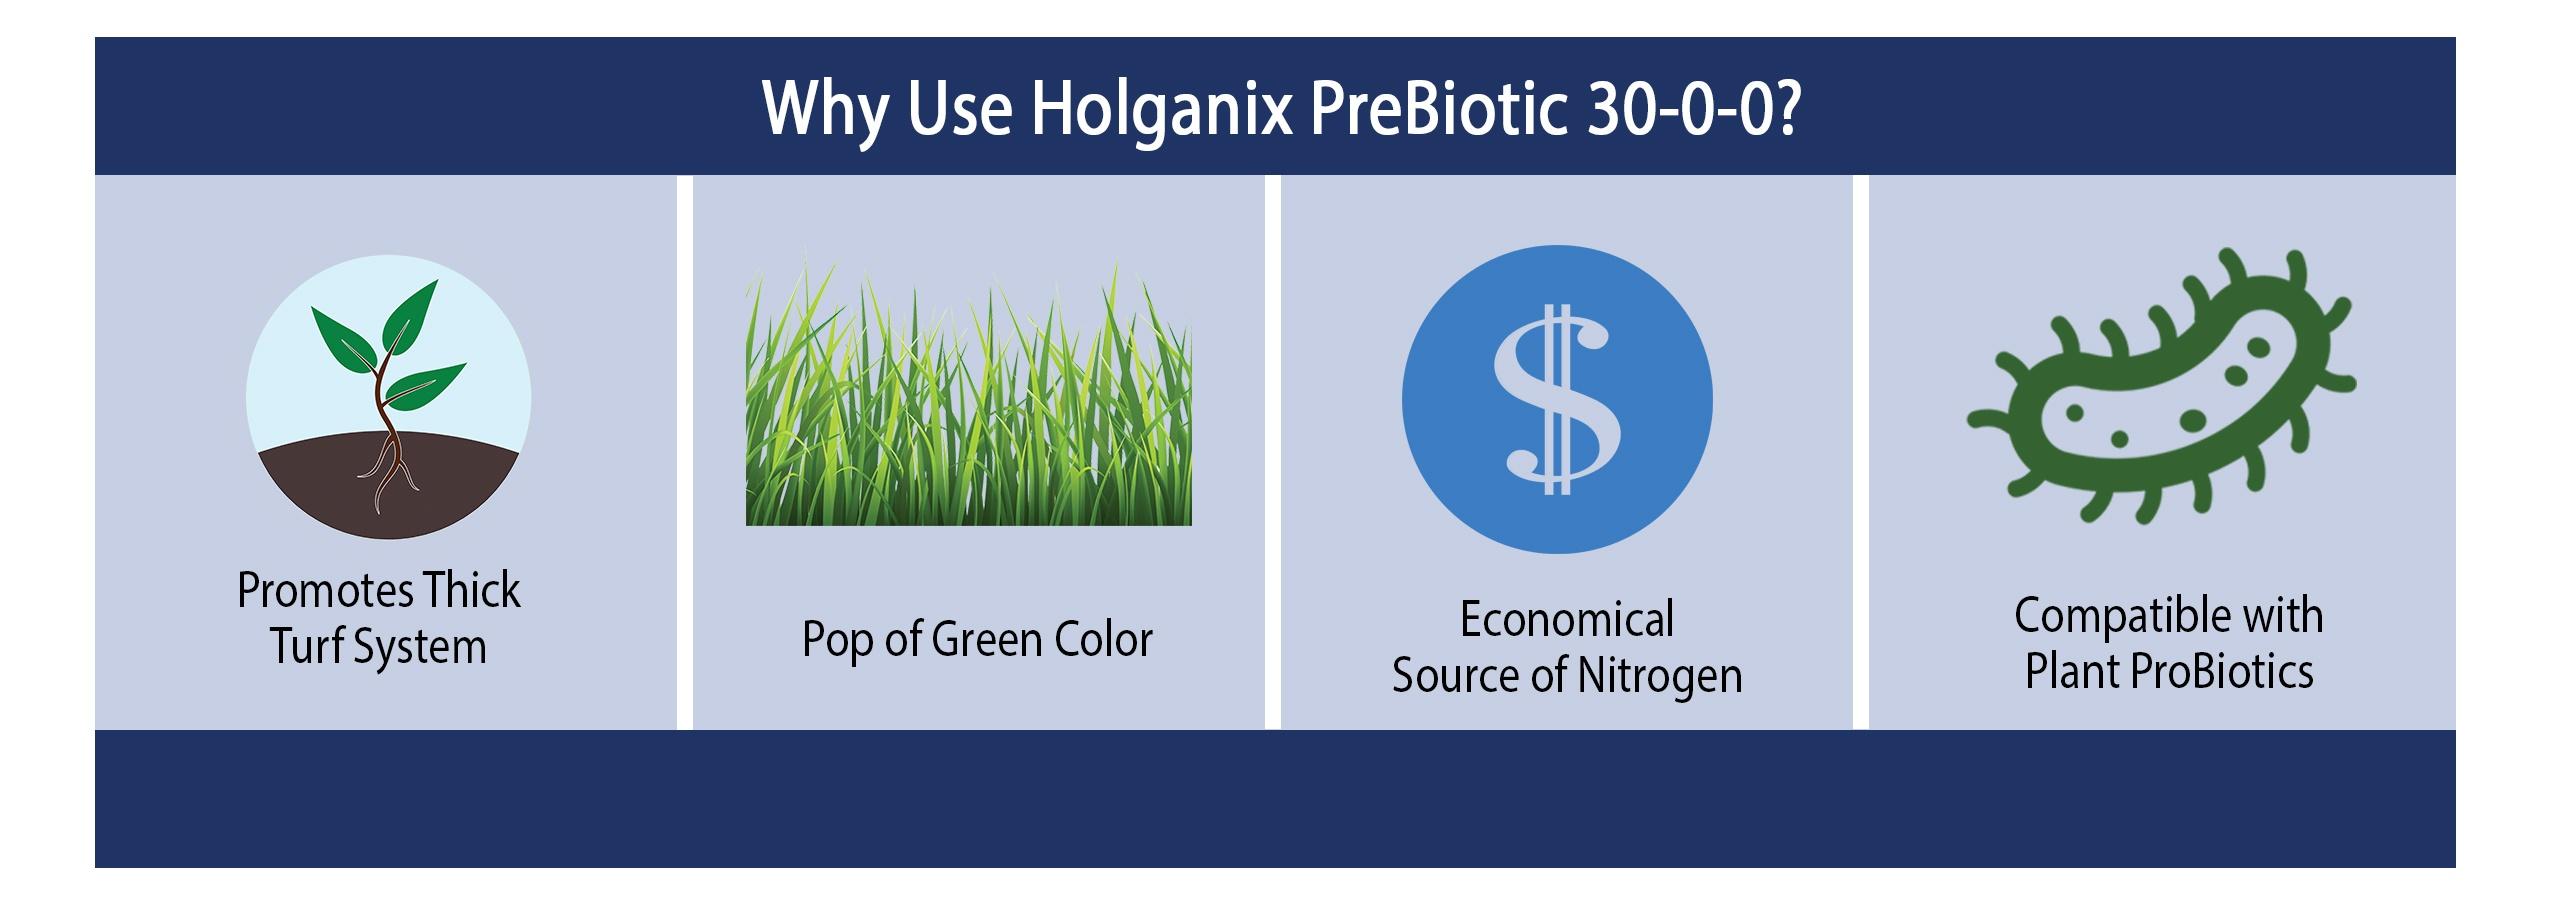 Why use Holganix 30-0-0